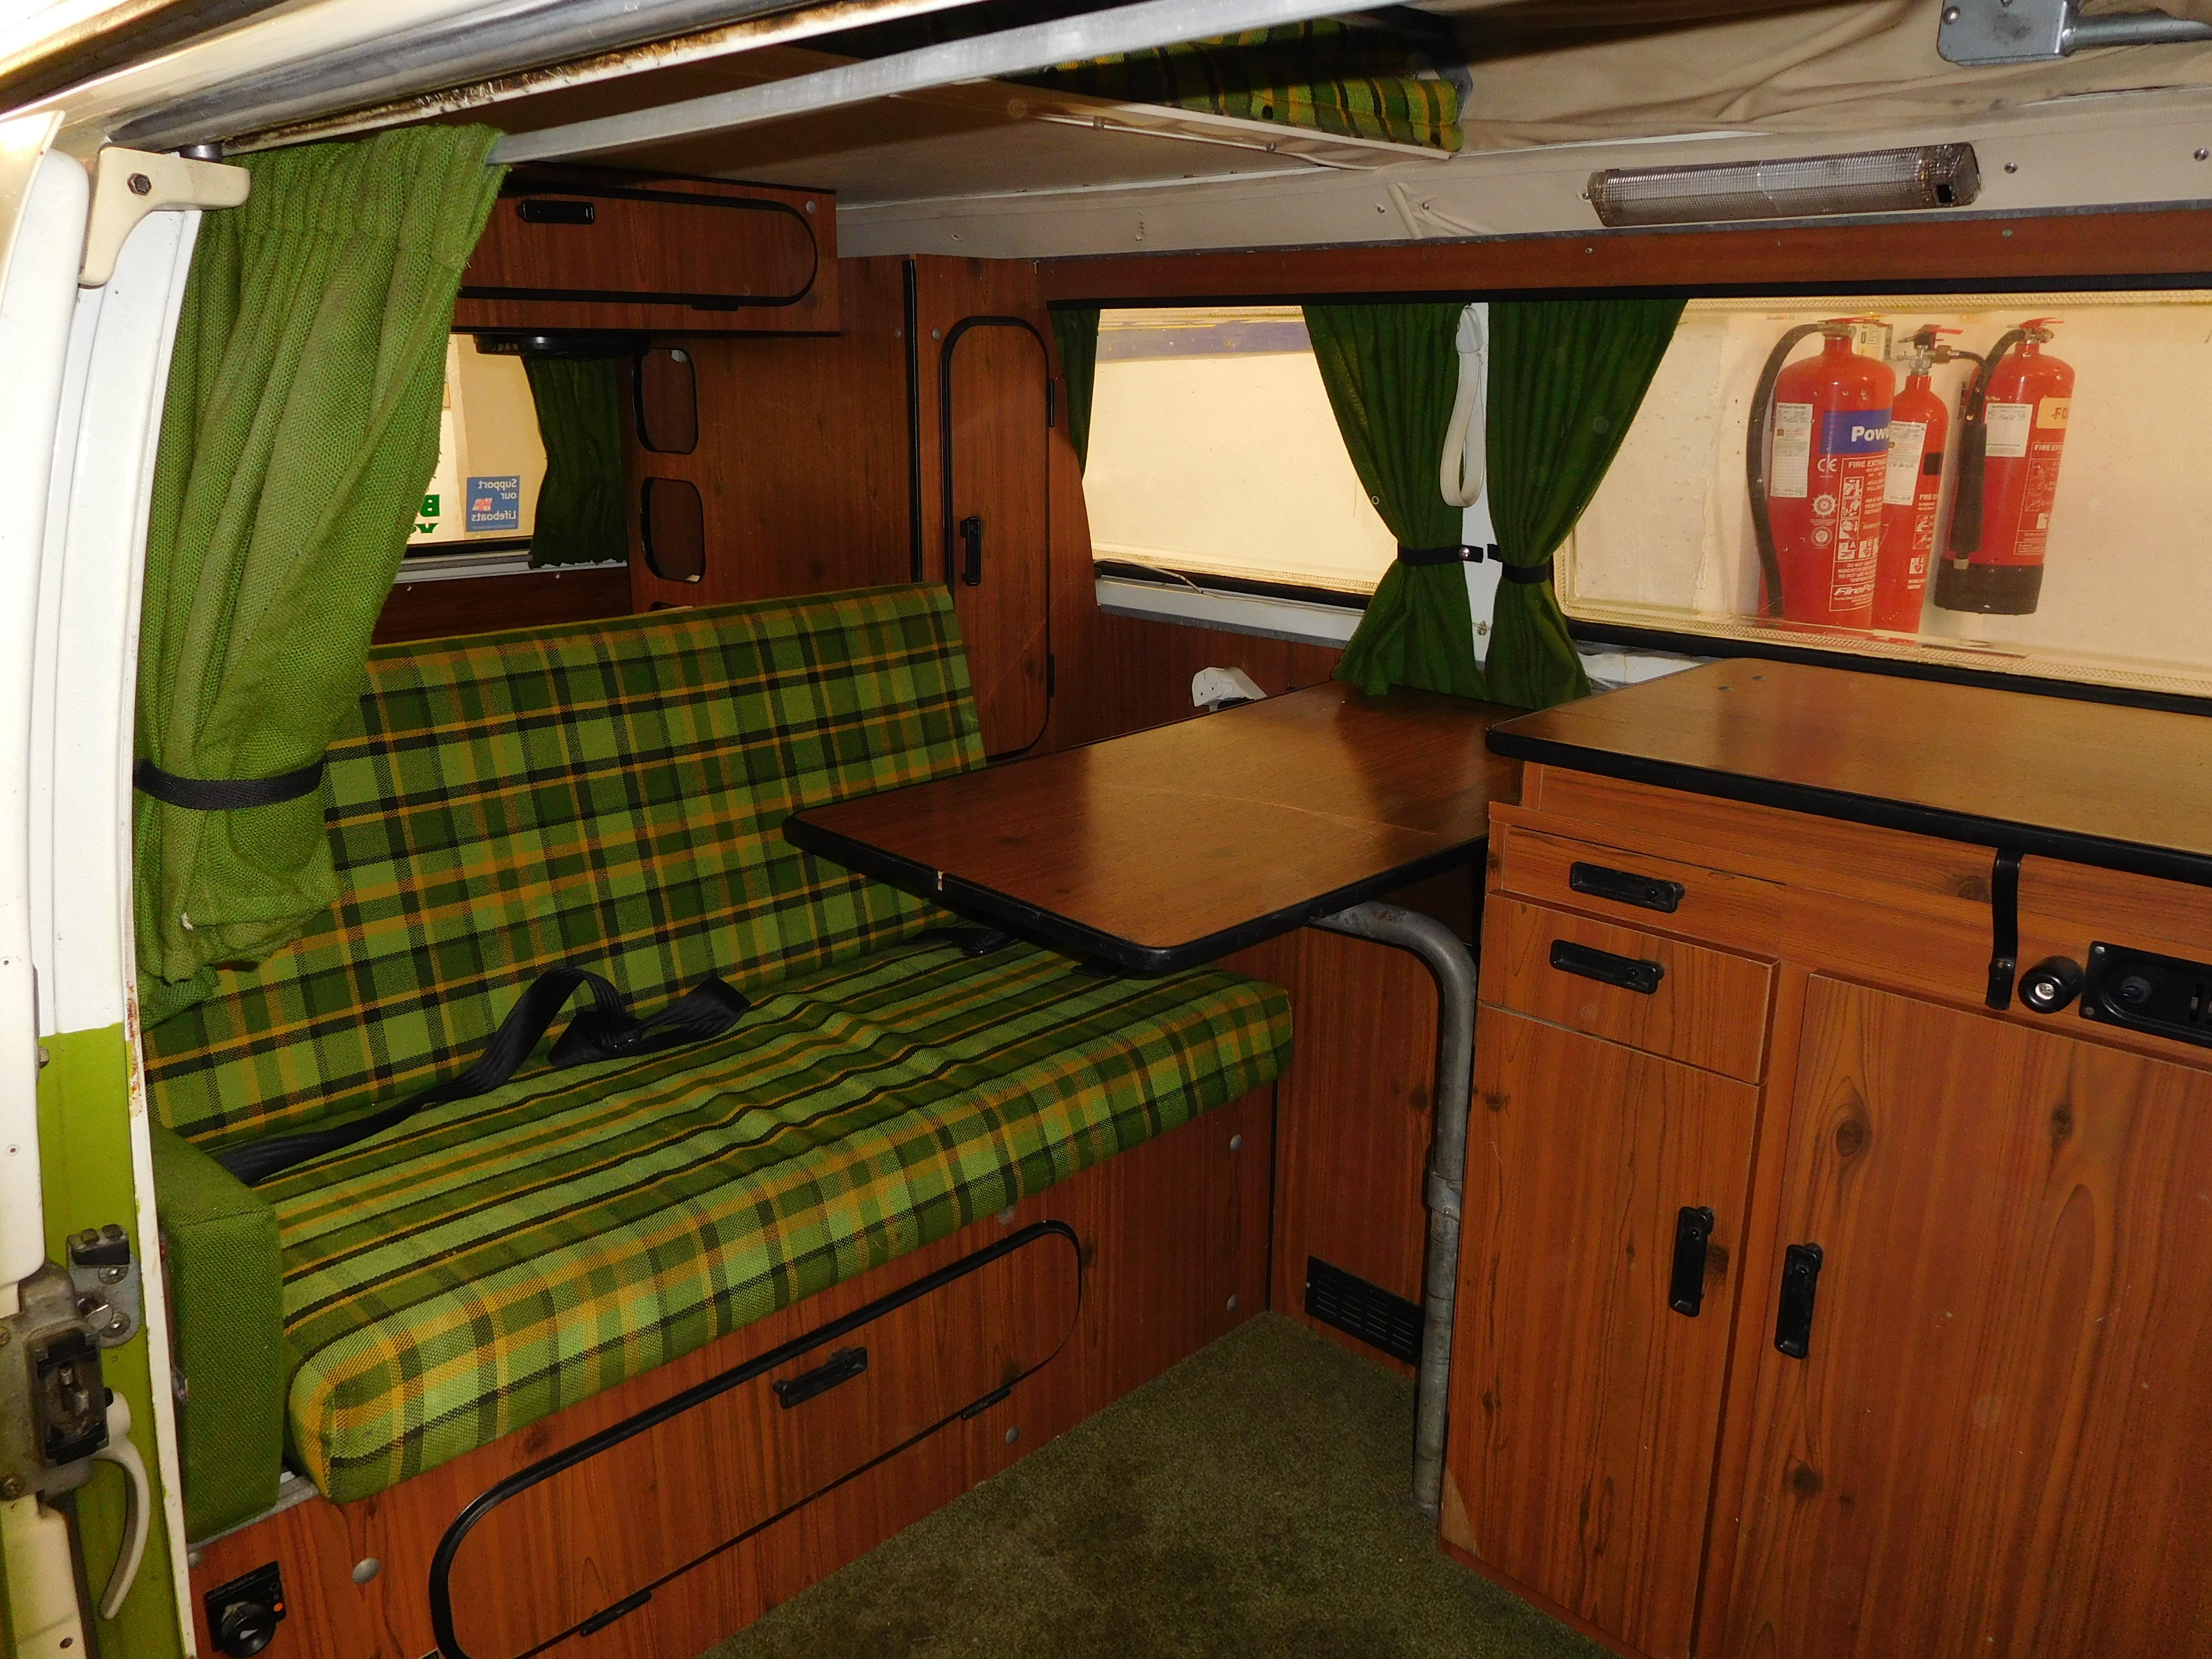 1977 Vw Westfalia Camper Sold Kult Kars